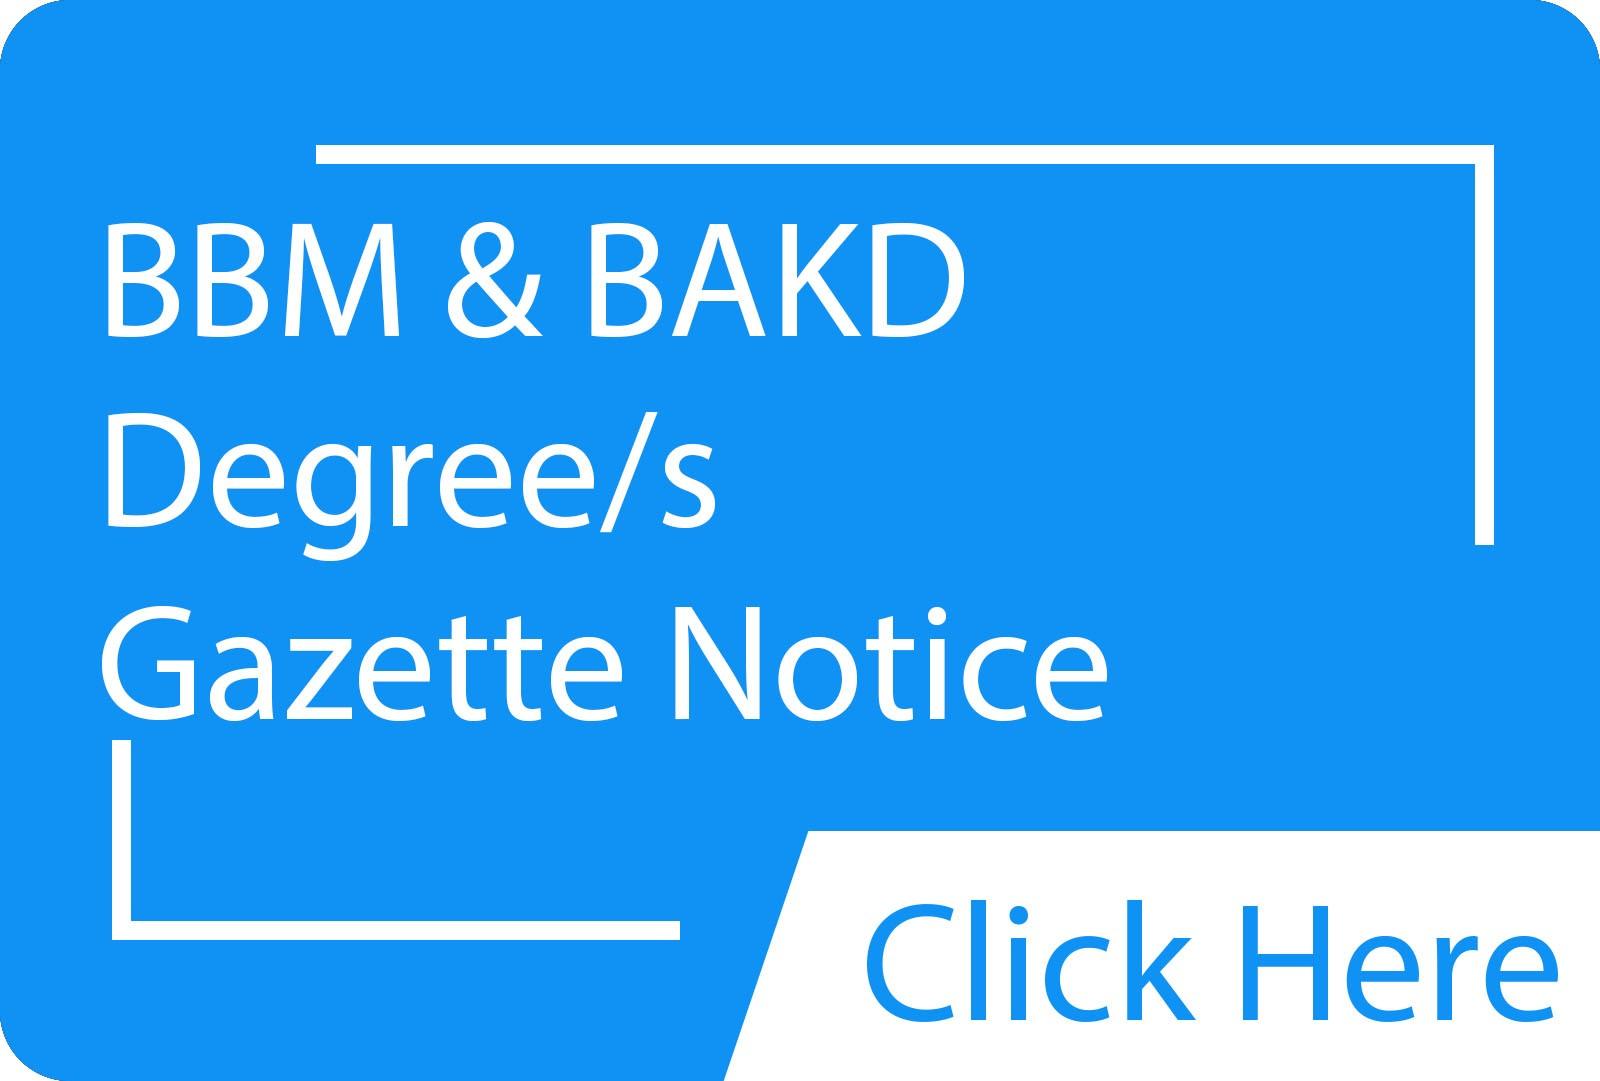 BBM & BAKD.siba.edu.lk